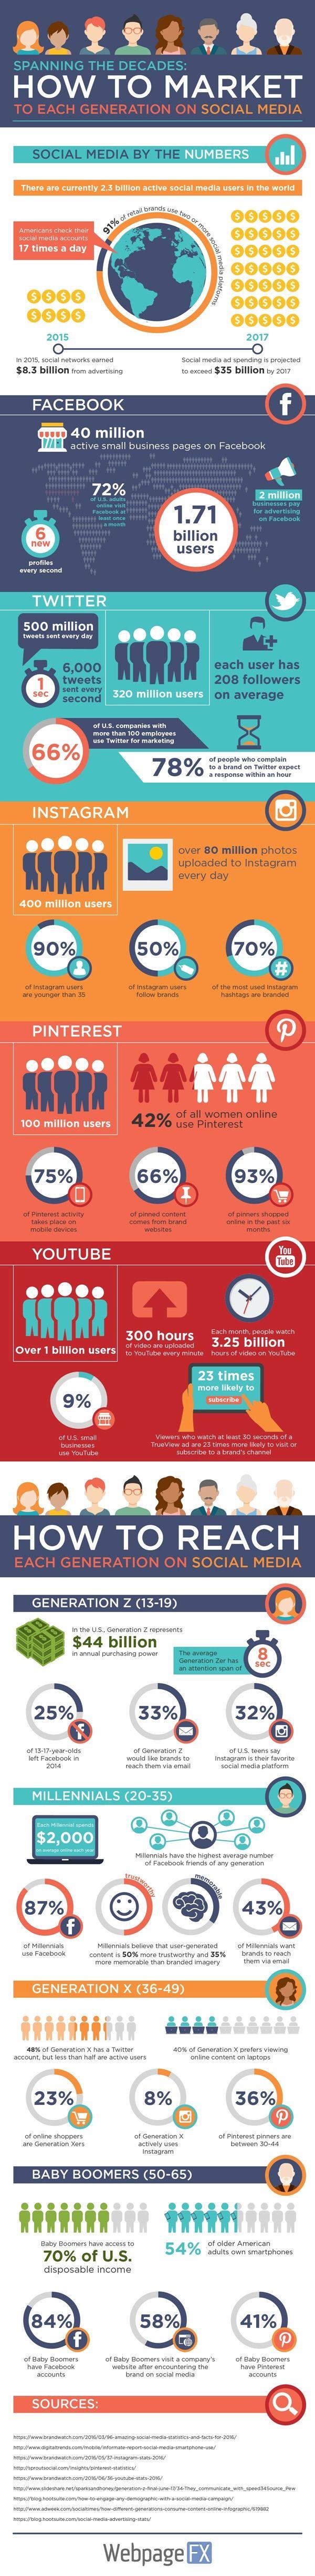 het-gebruik-van-social-media-per-generatie-infographic